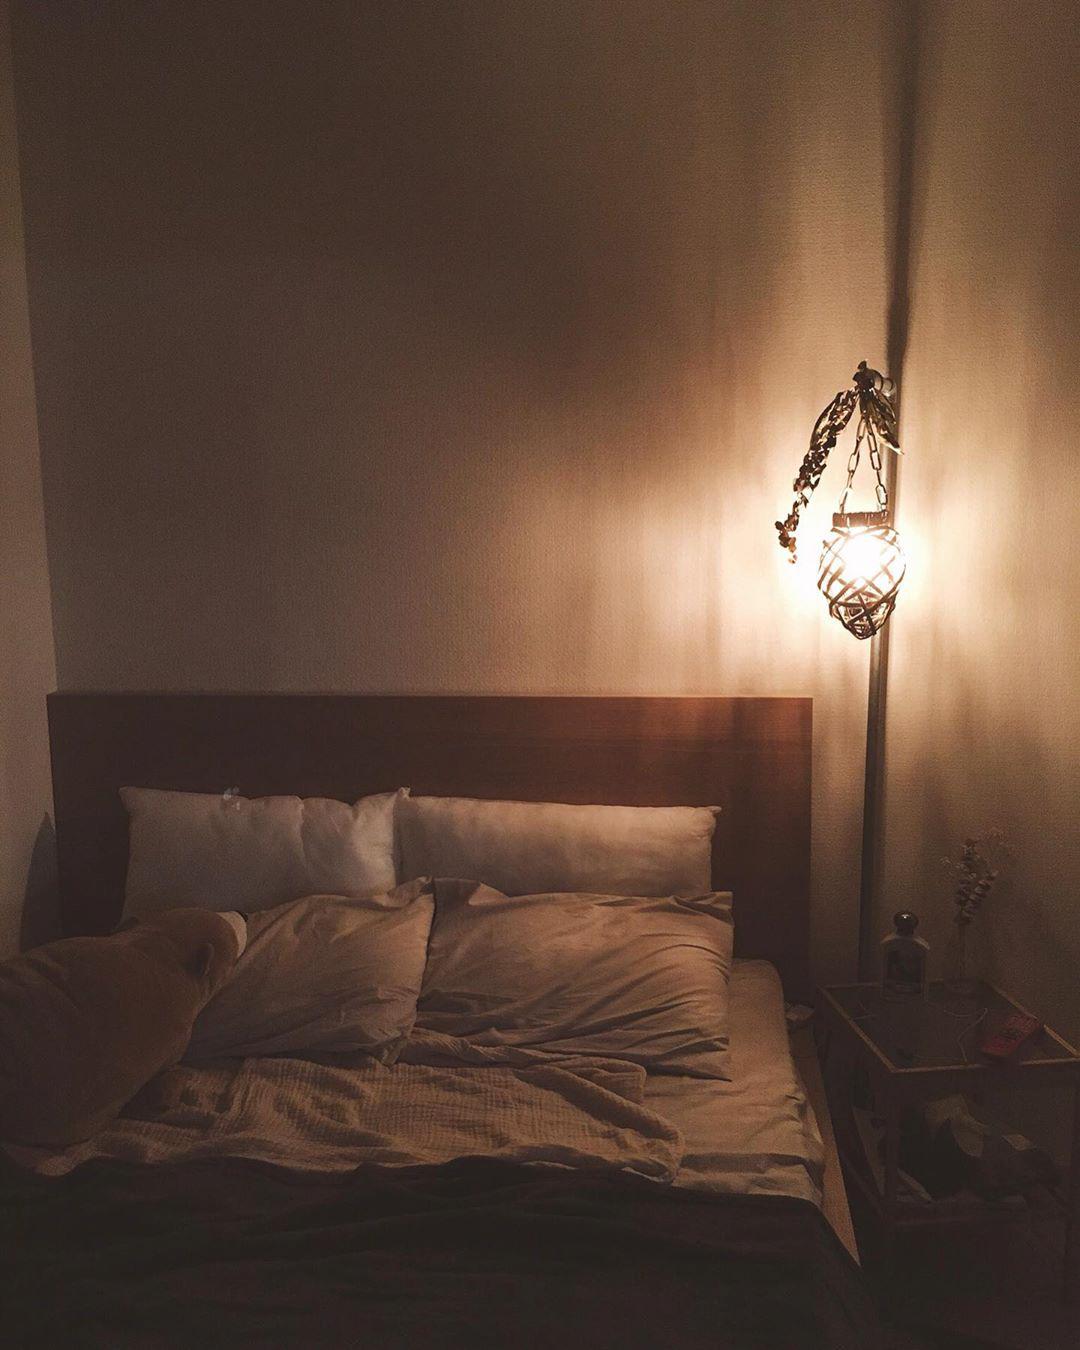 ベッドルームは手作りのライトで雰囲気のある空間に。